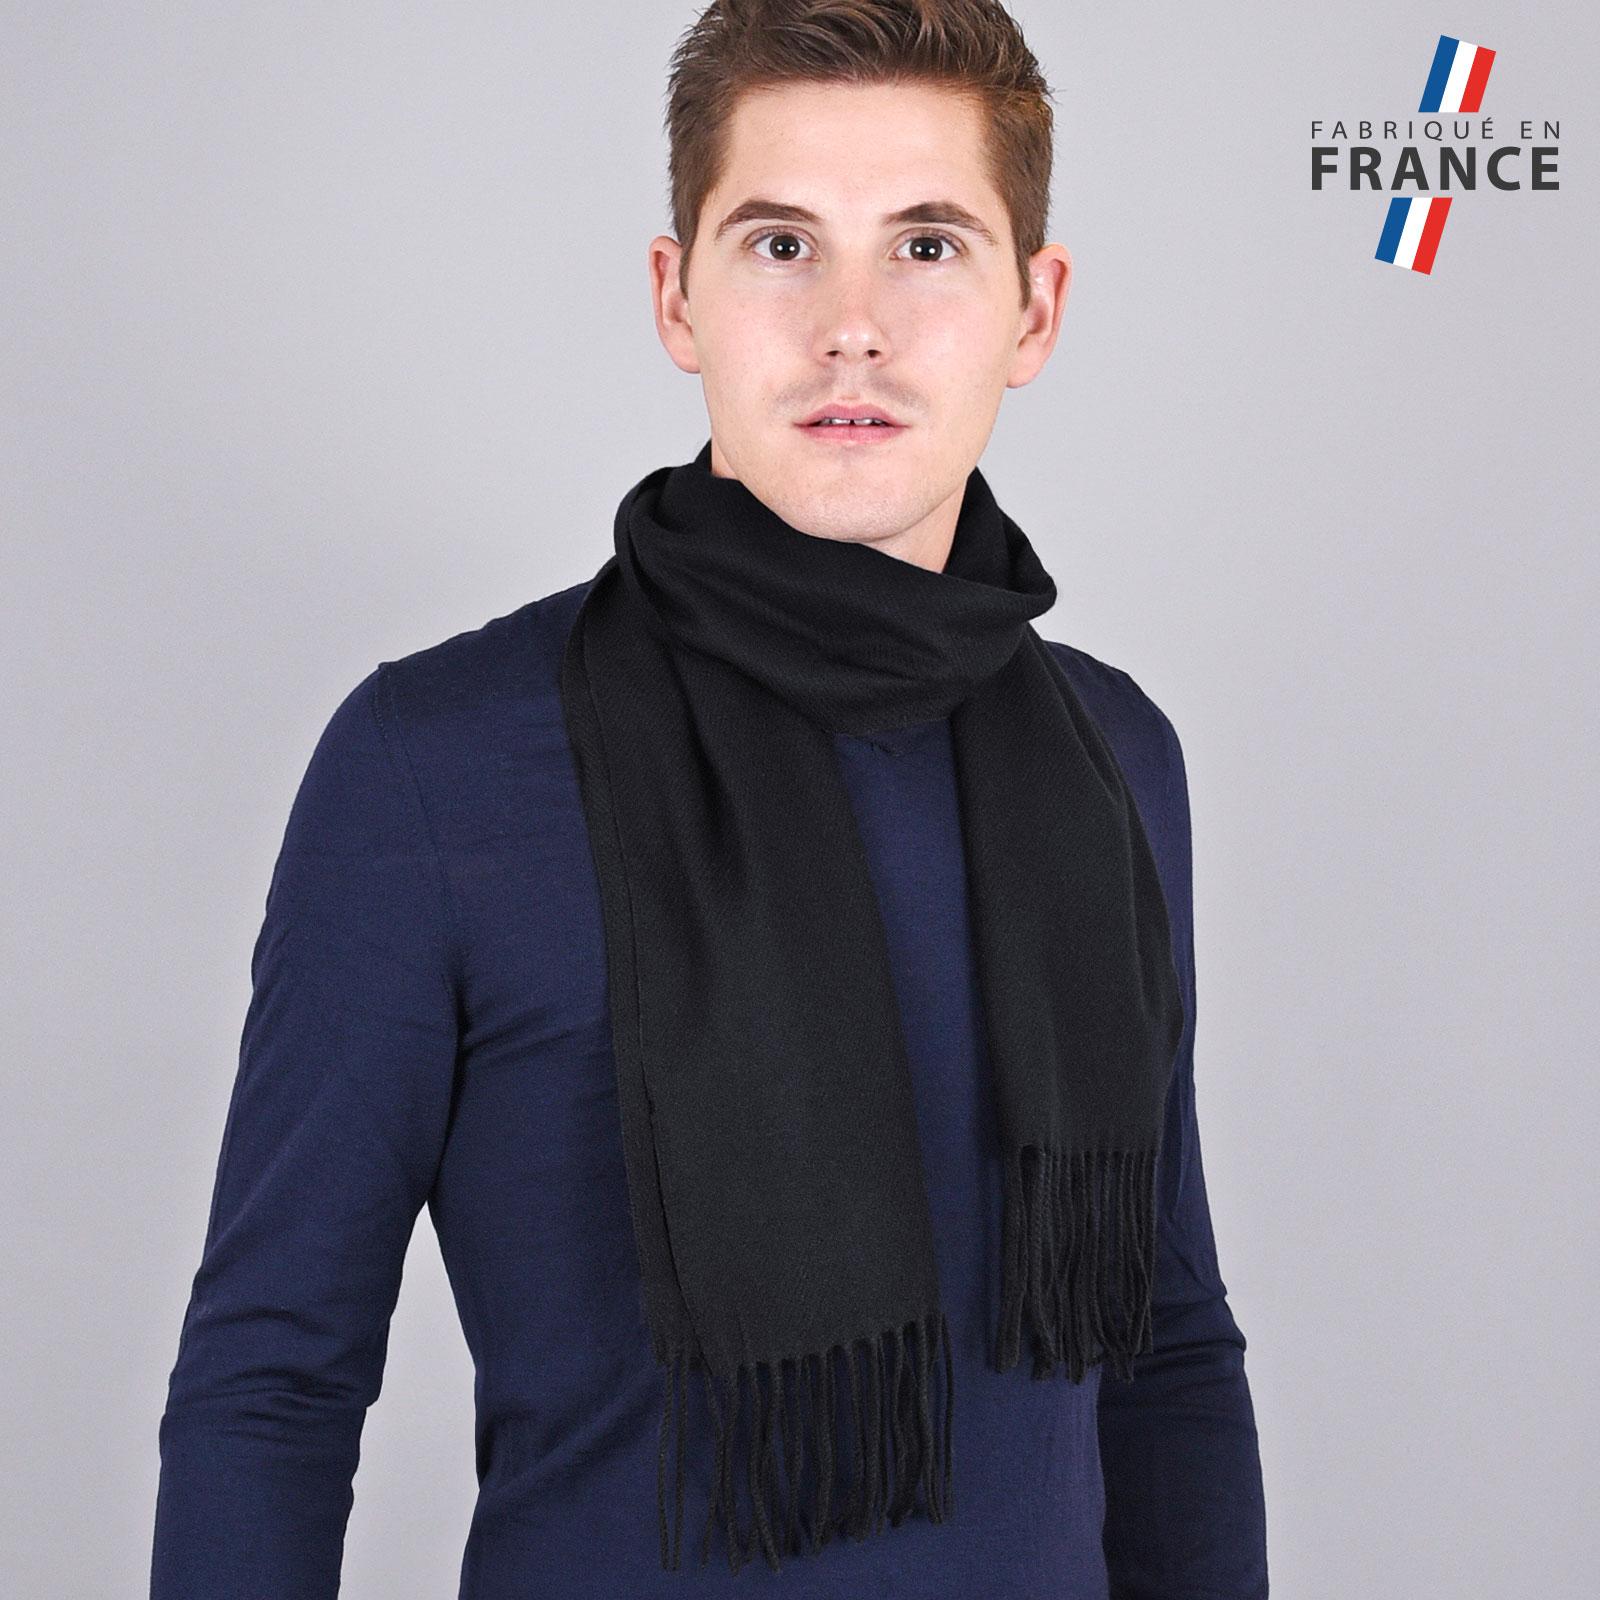 AT-03231-VH16-LB_FR-echarpe-homme-a-franges-noire-fabrication-francaise